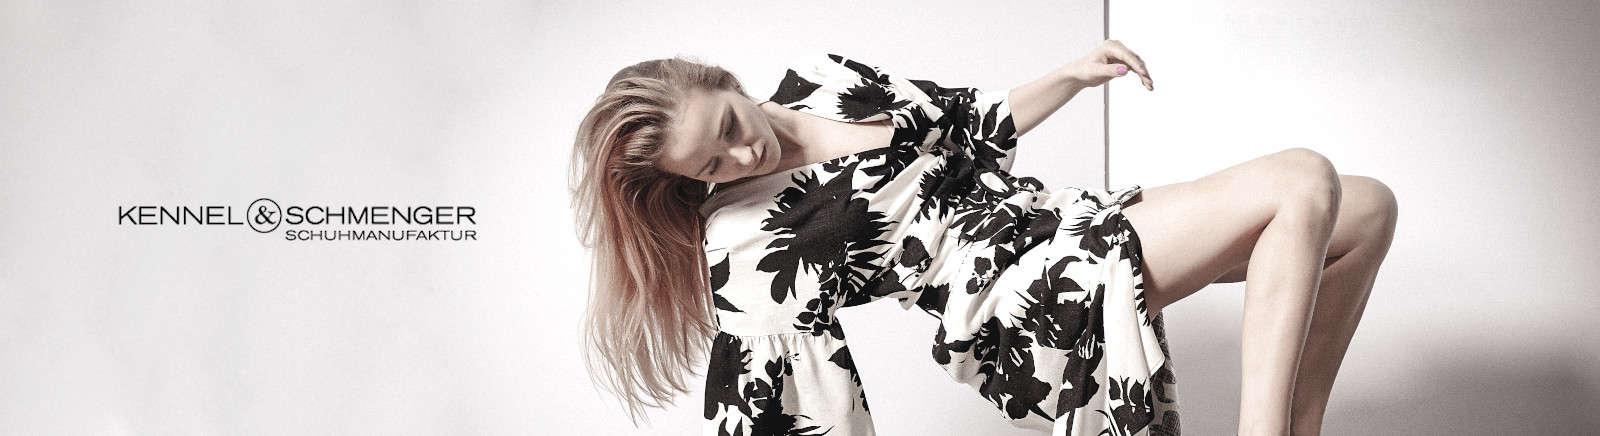 Kennel & Schmenger Stiefel für Damen im Online-Shop von GISY kaufen